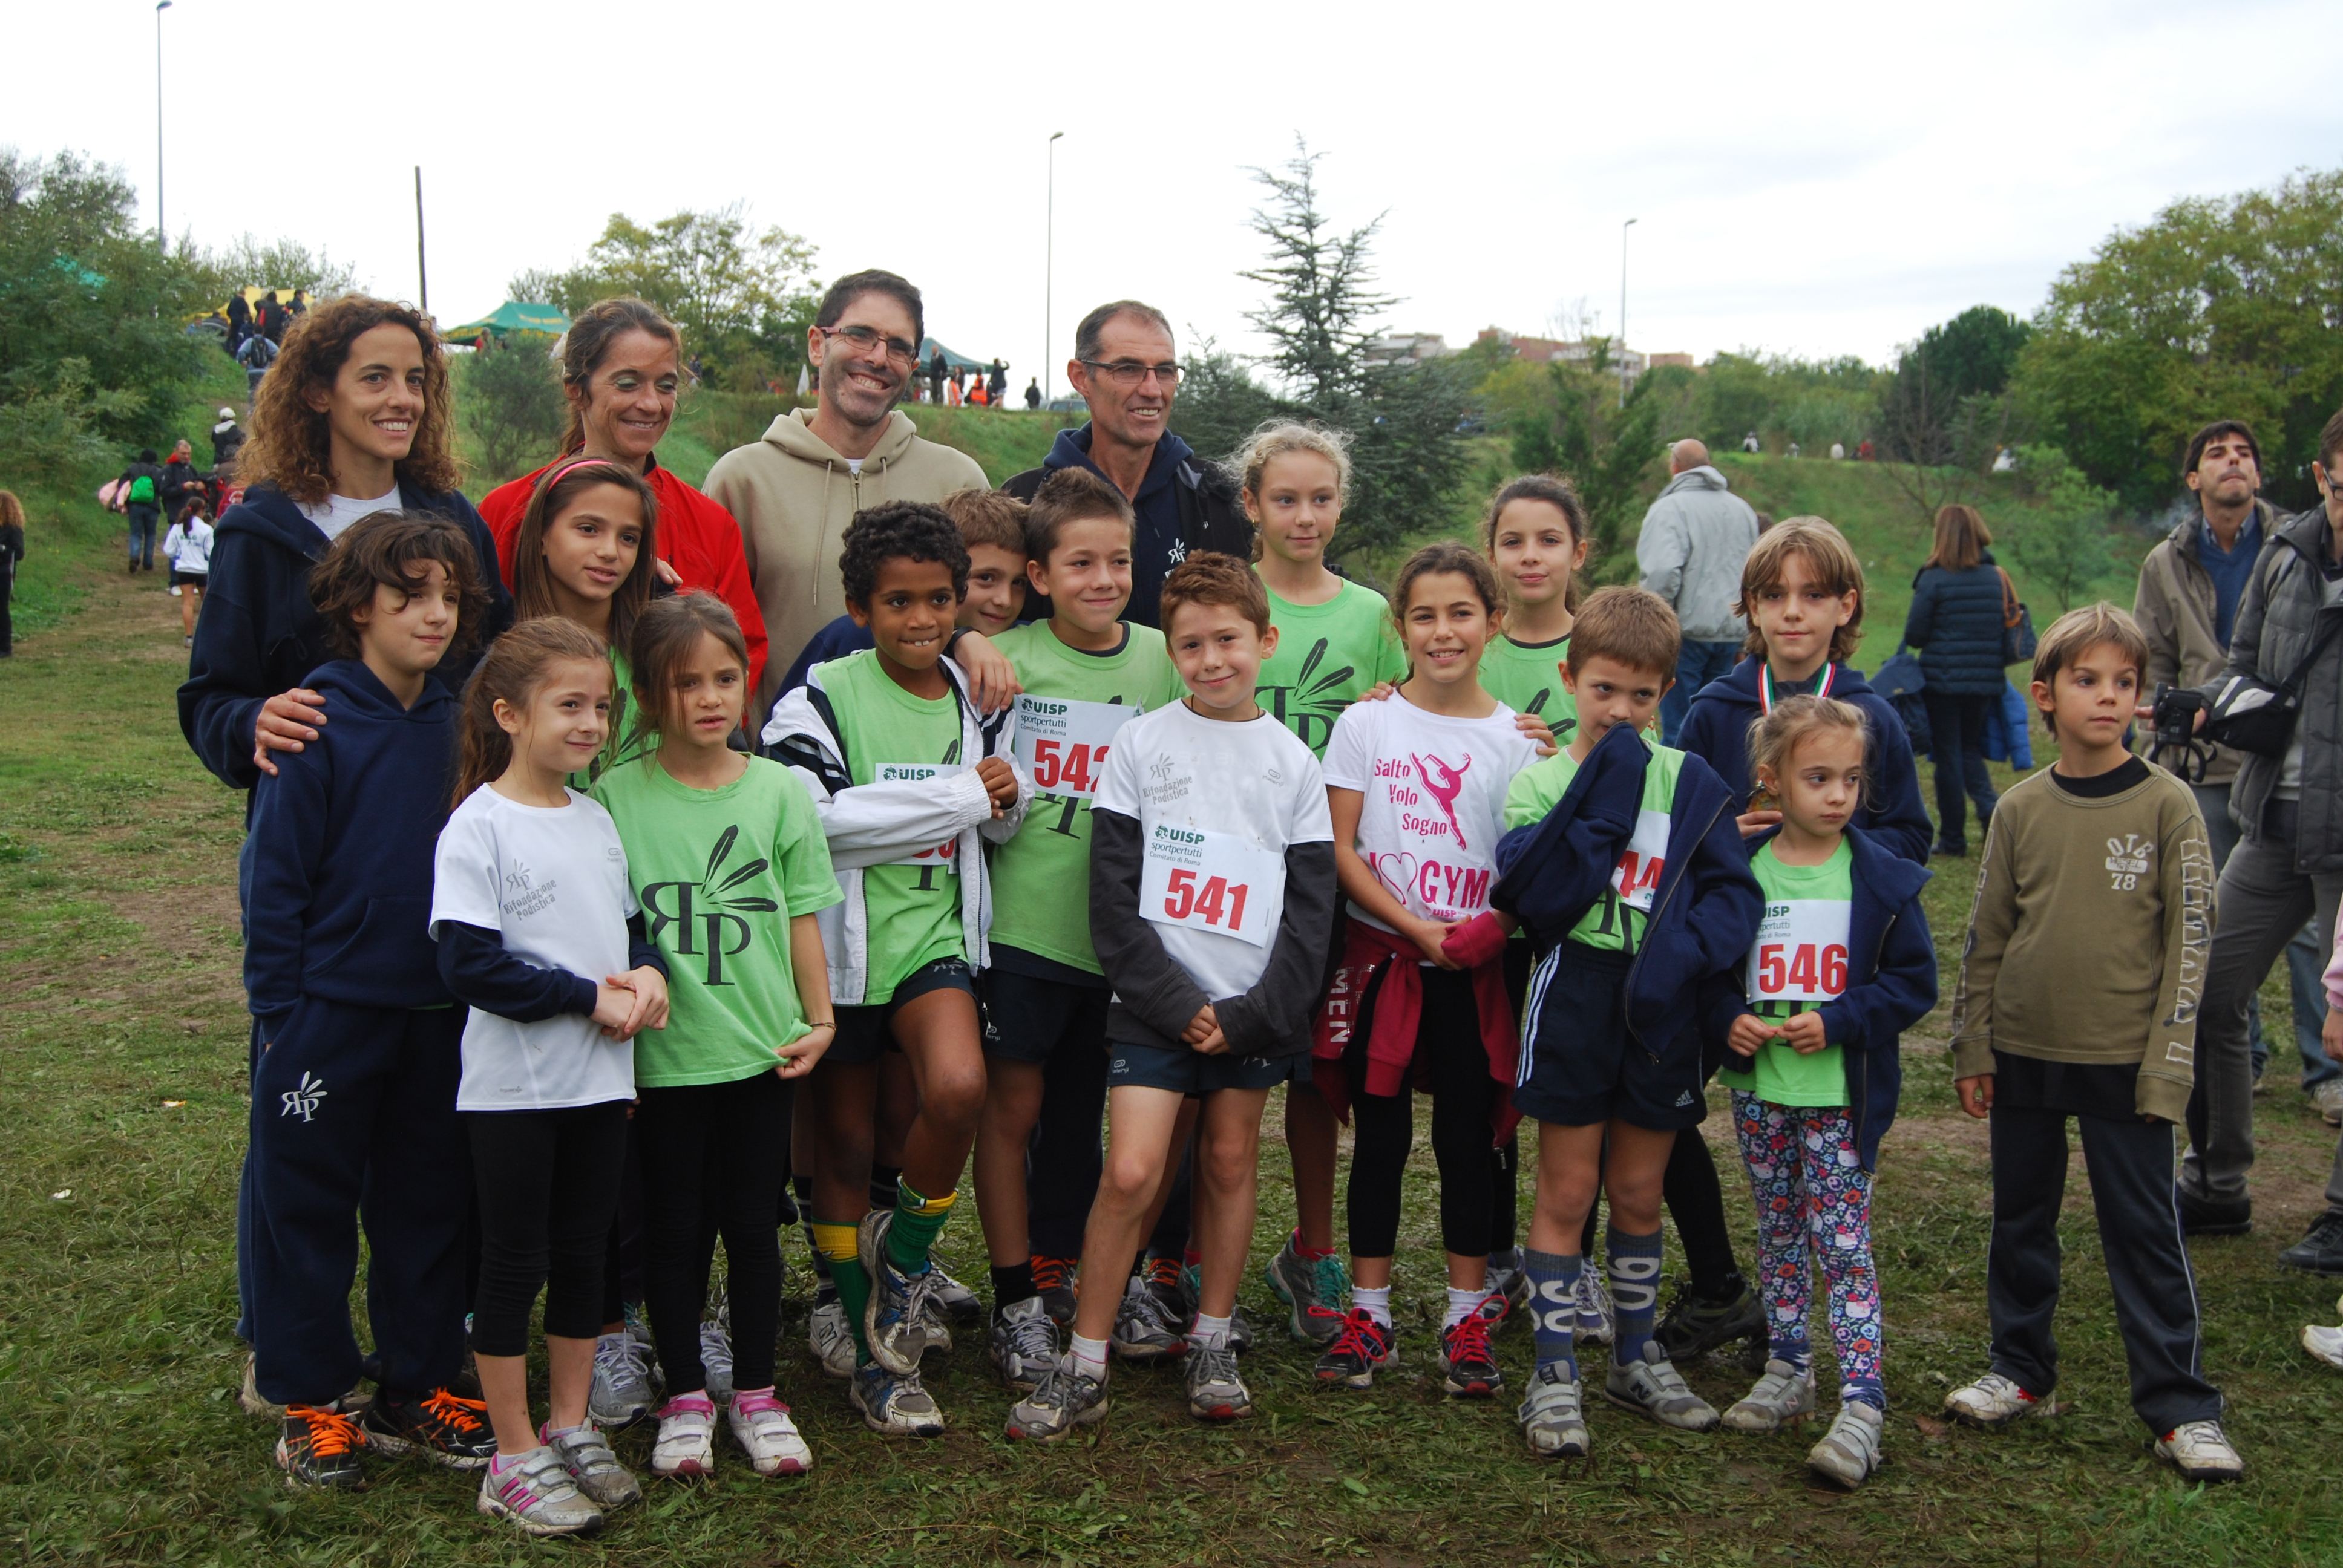 La squadra alla I Corri per il Verde 2012